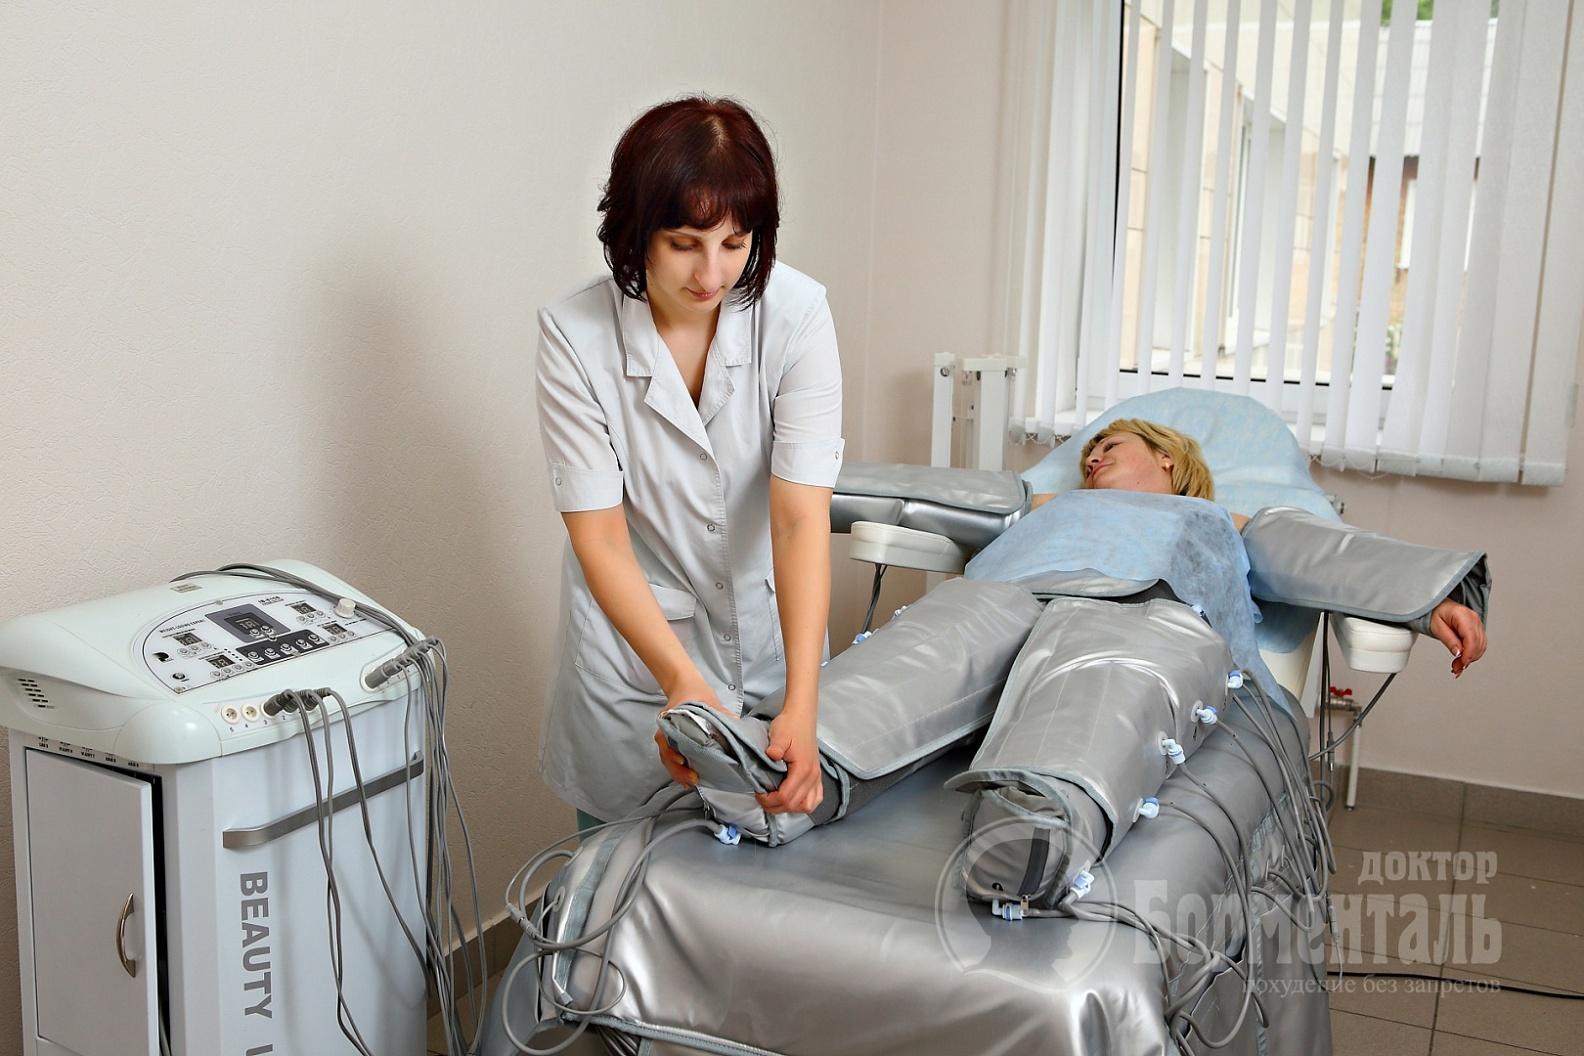 Здоровье организма – лимфодренажный массаж: что это такое, показания и противопоказания